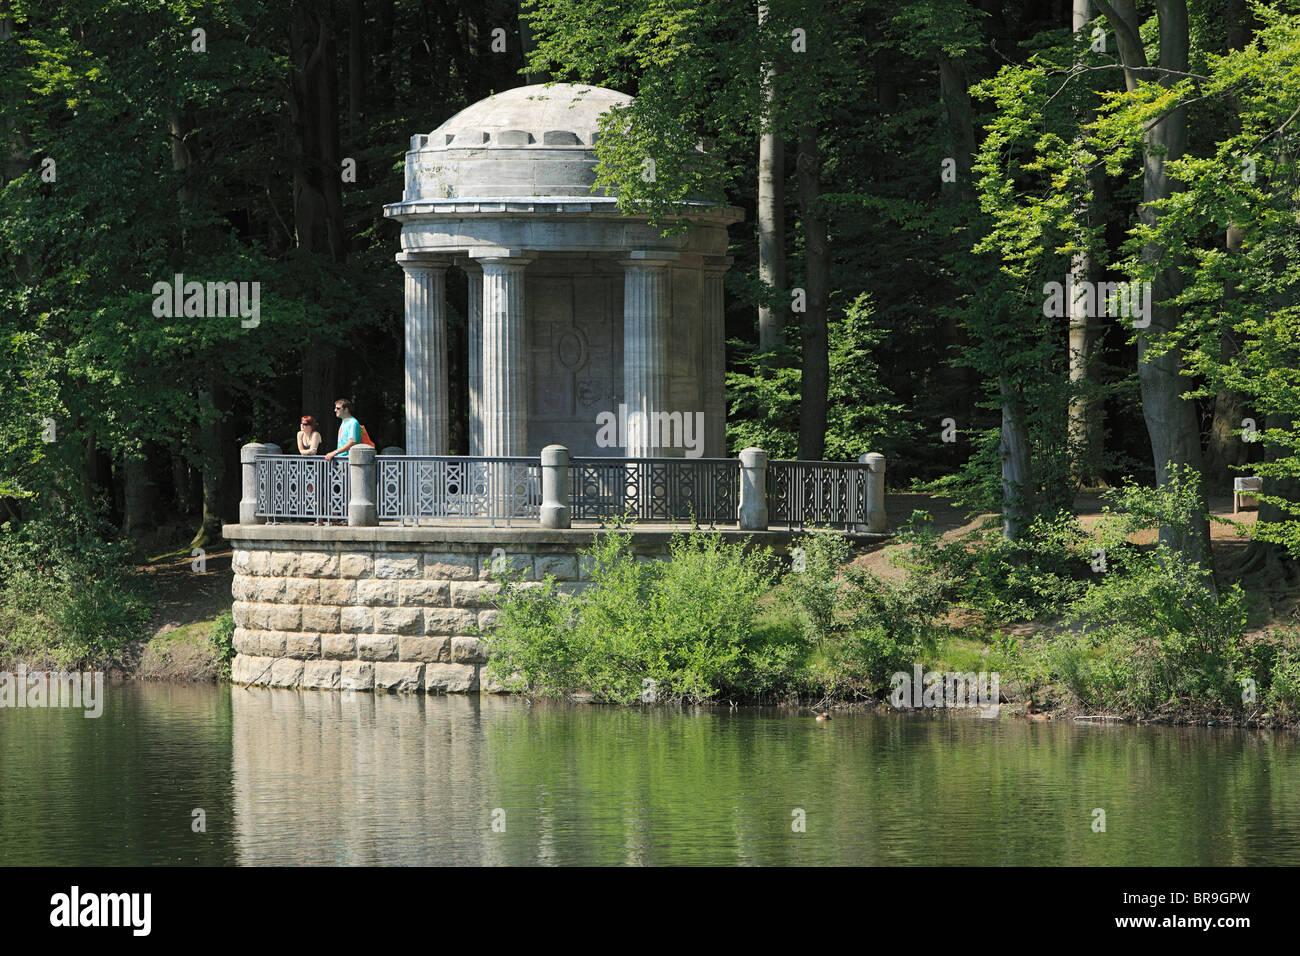 Naherholungsgebiet Stadtwald mit Teich und kleinem Tempel in Krefeld, Rhein, Niederrhein, Nordrhein-Westfalen - Stock Image